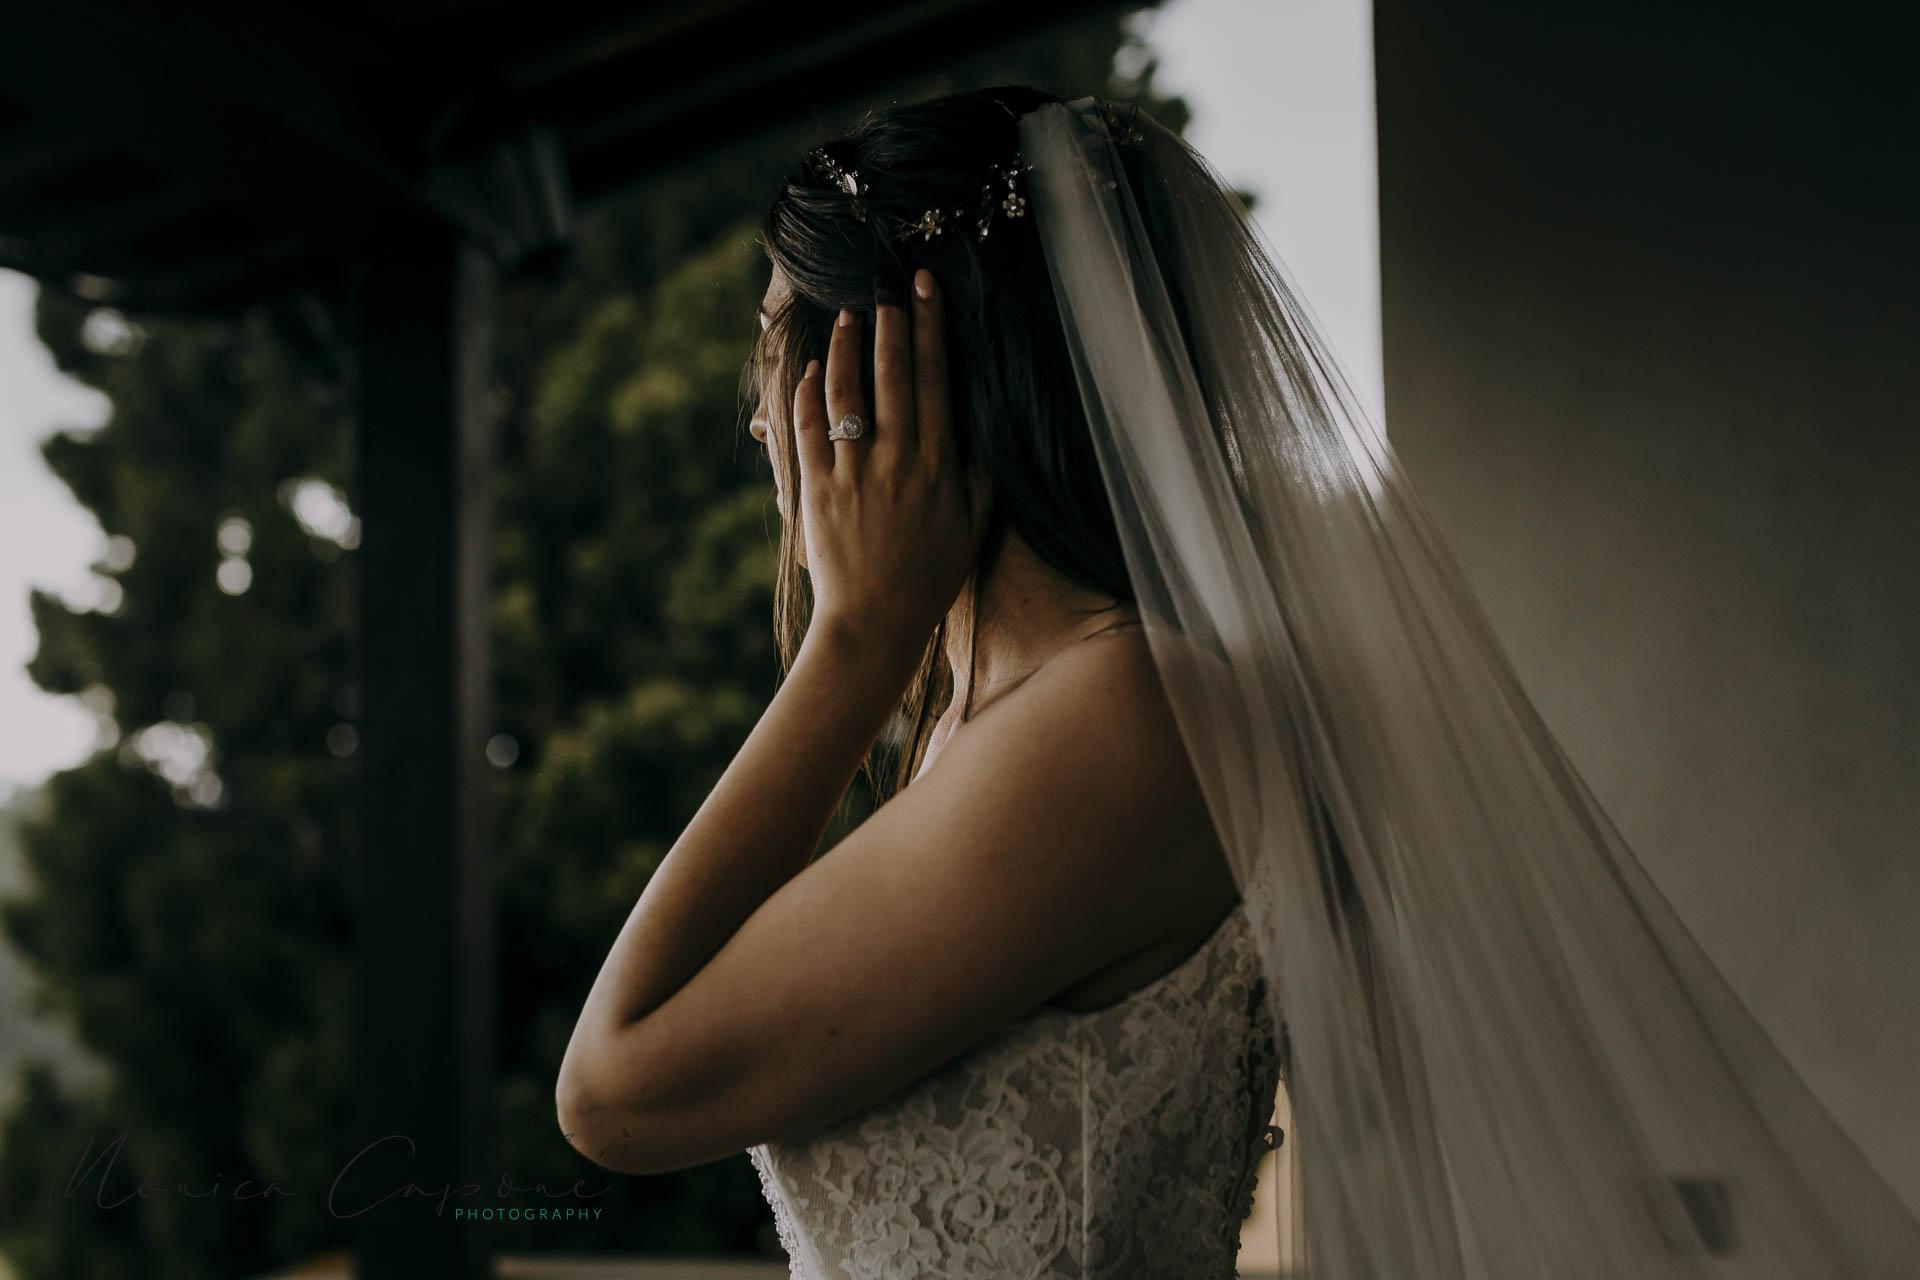 prezzi-servizio-fotografico-matrimoniale